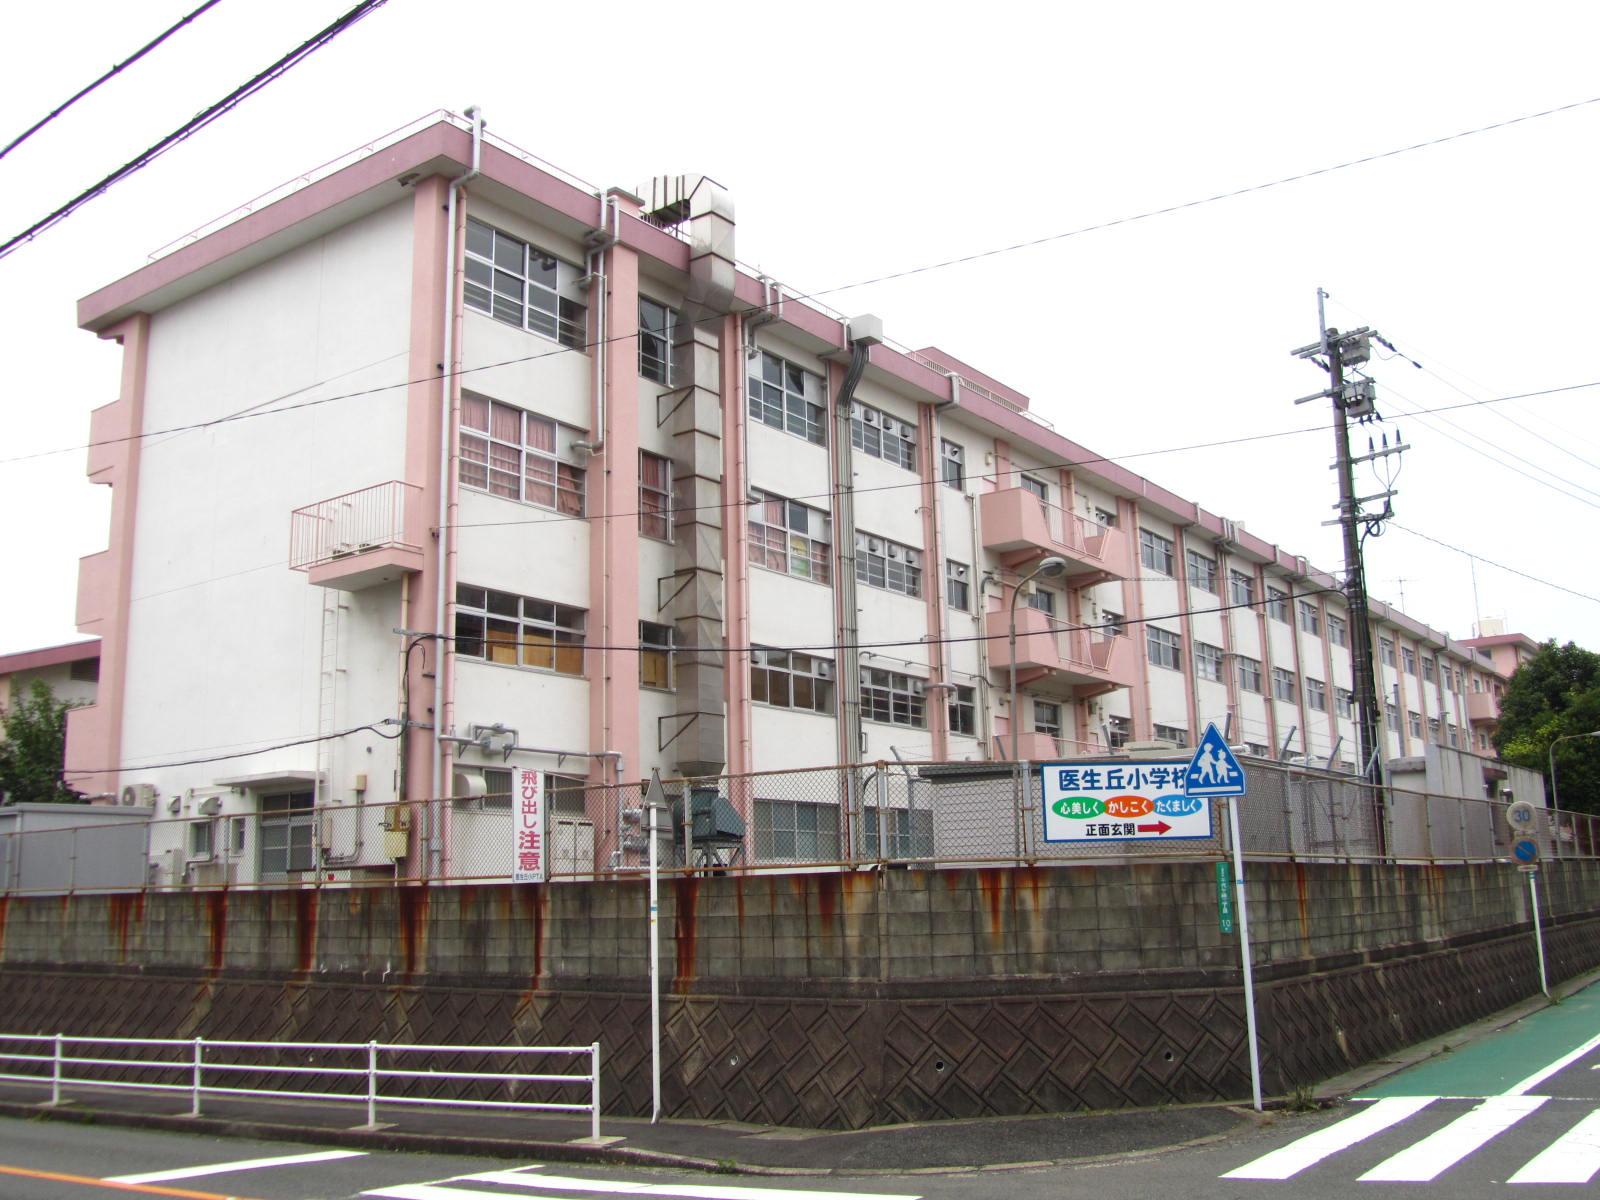 小学校:北九州市立医生丘小学校 890m